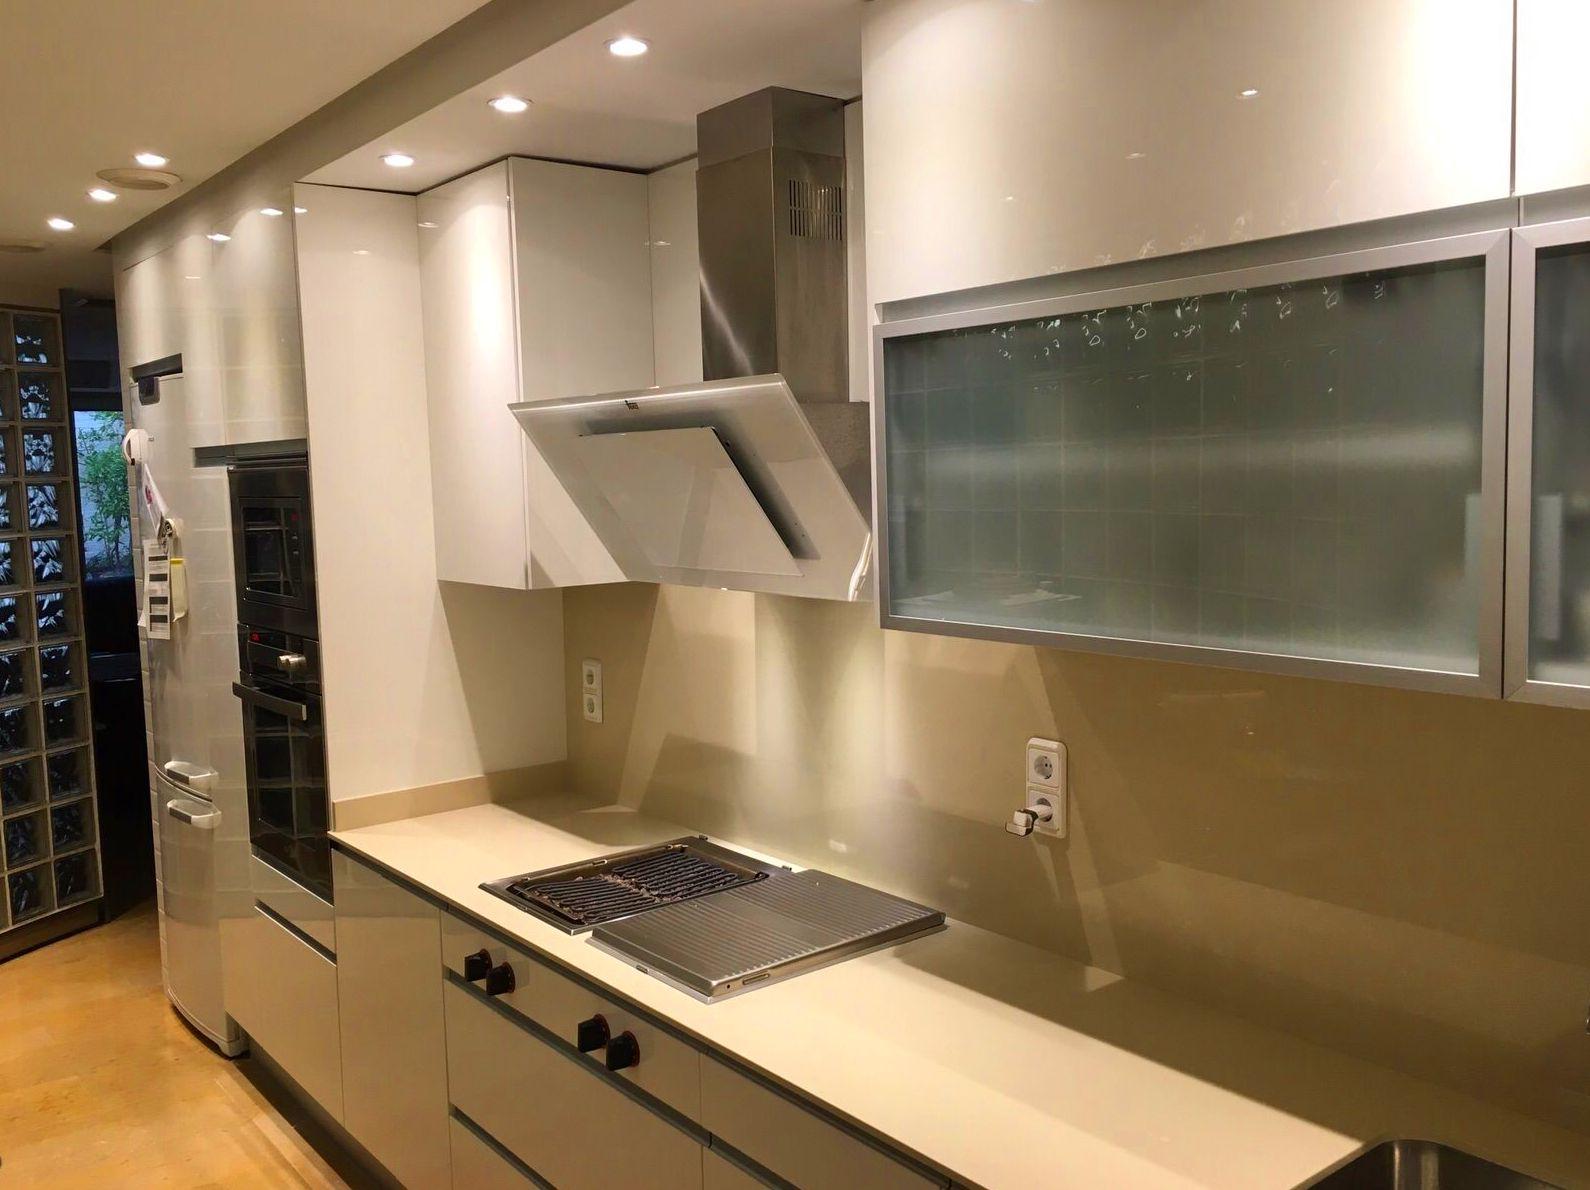 Foto 4 de Muebles de baño y cocina en Zaragoza | Decocina